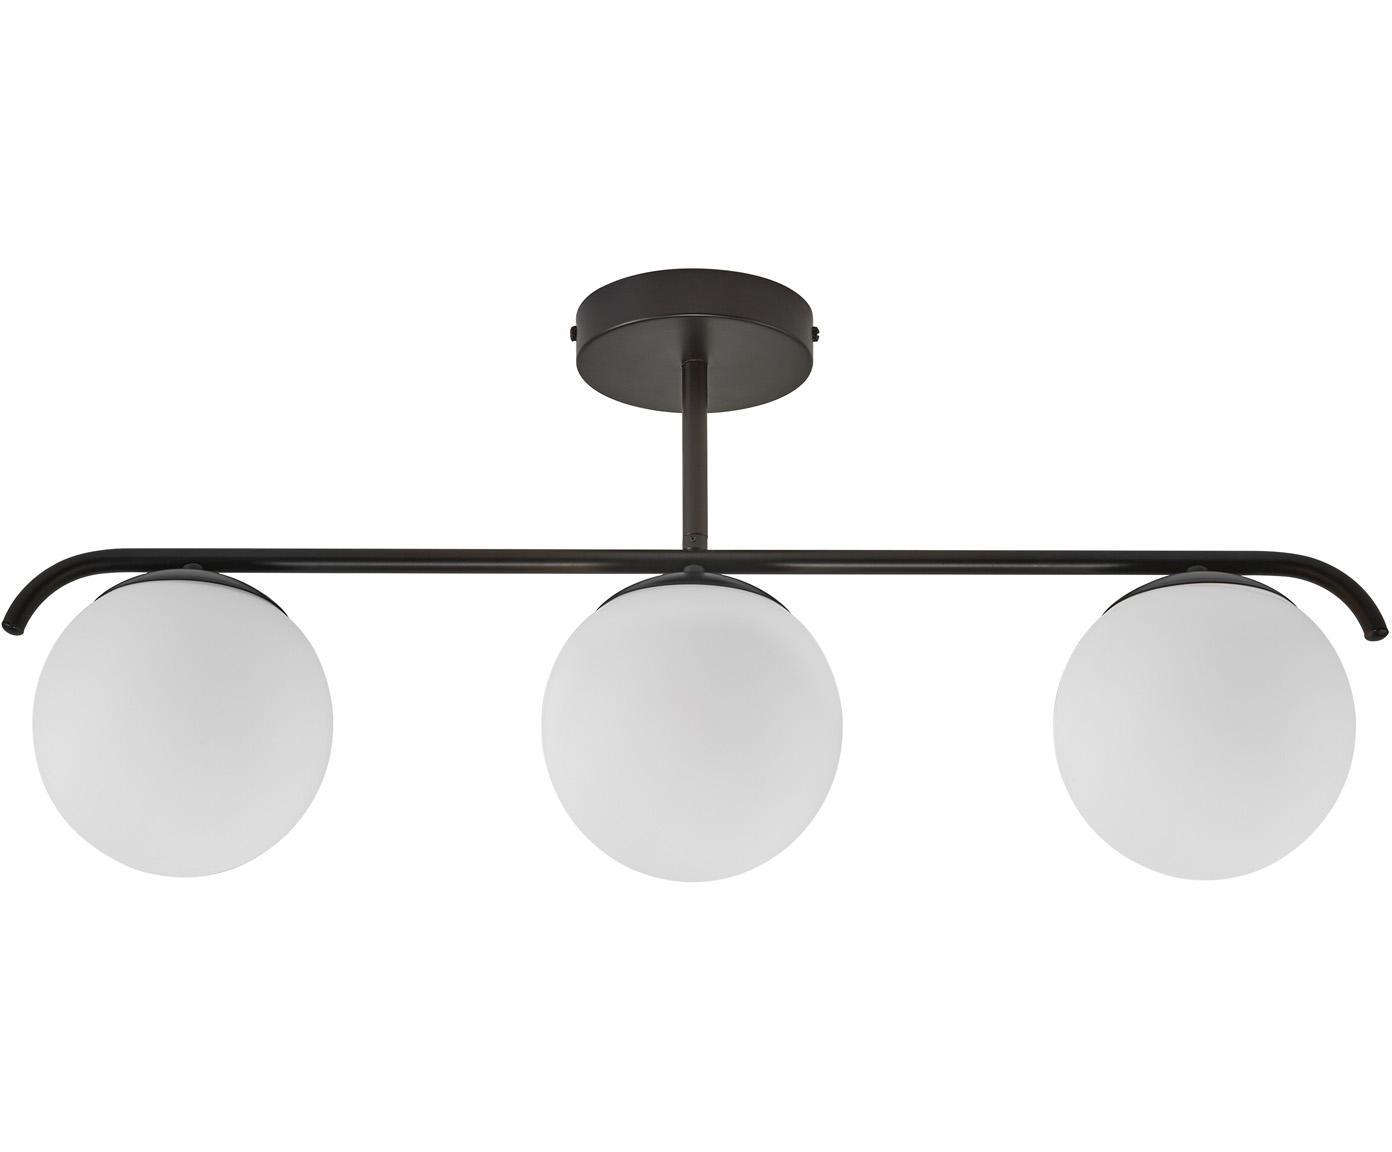 Deckenleuchte Grant aus Opalglas, Lampenschirm: Opalglas, Baldachin: Metall, beschichtet, Weiss, Schwarz, 70 x 30 cm